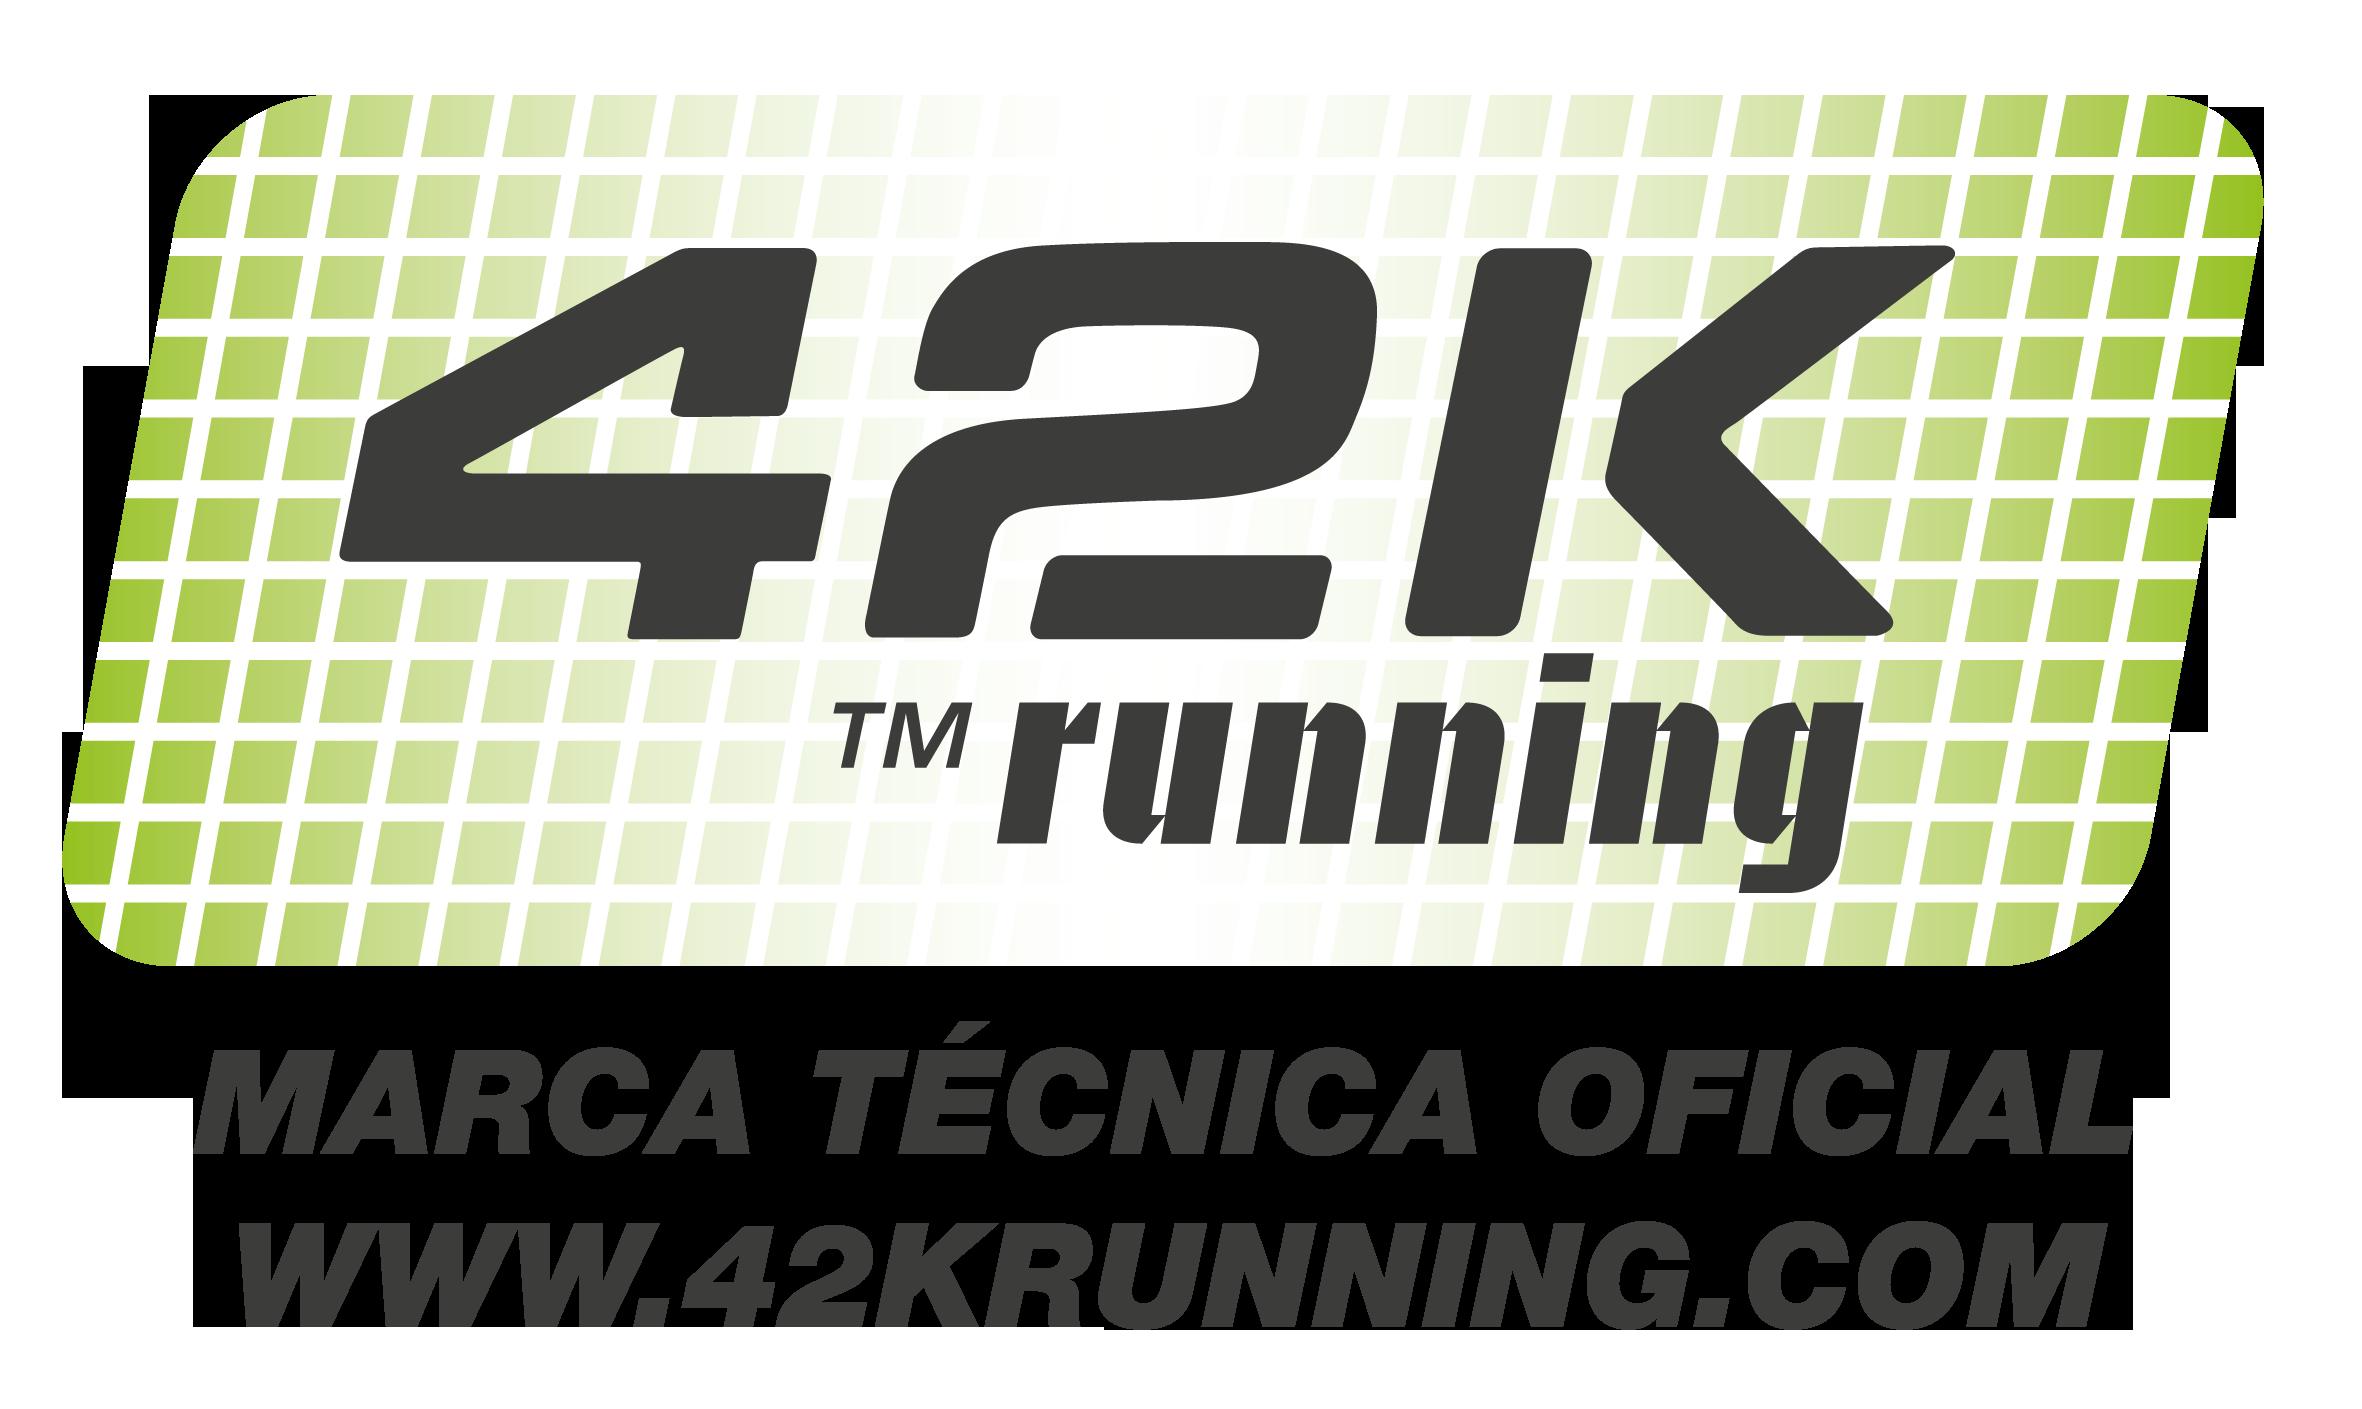 Nuestros amigos de 42K running, colaboran en esta edición de la TRANGOWORLD TREBOL TRAIL. Muchas gracias a Fernando y todo su equipo !!!